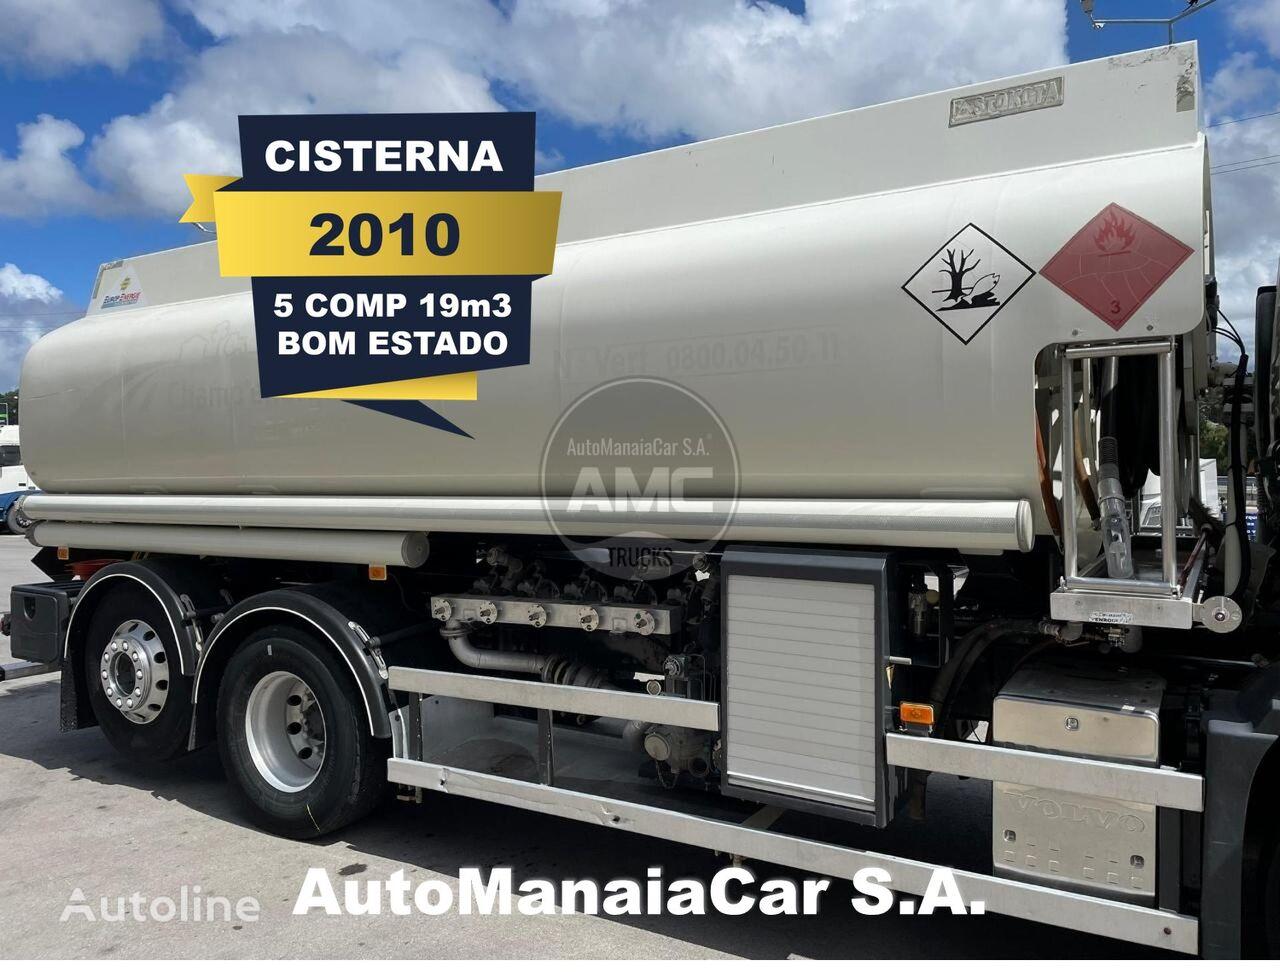 цистерна ПММ CISTERNA DE ALUMÍNIO DE 19m3 5 COMP VOLVO